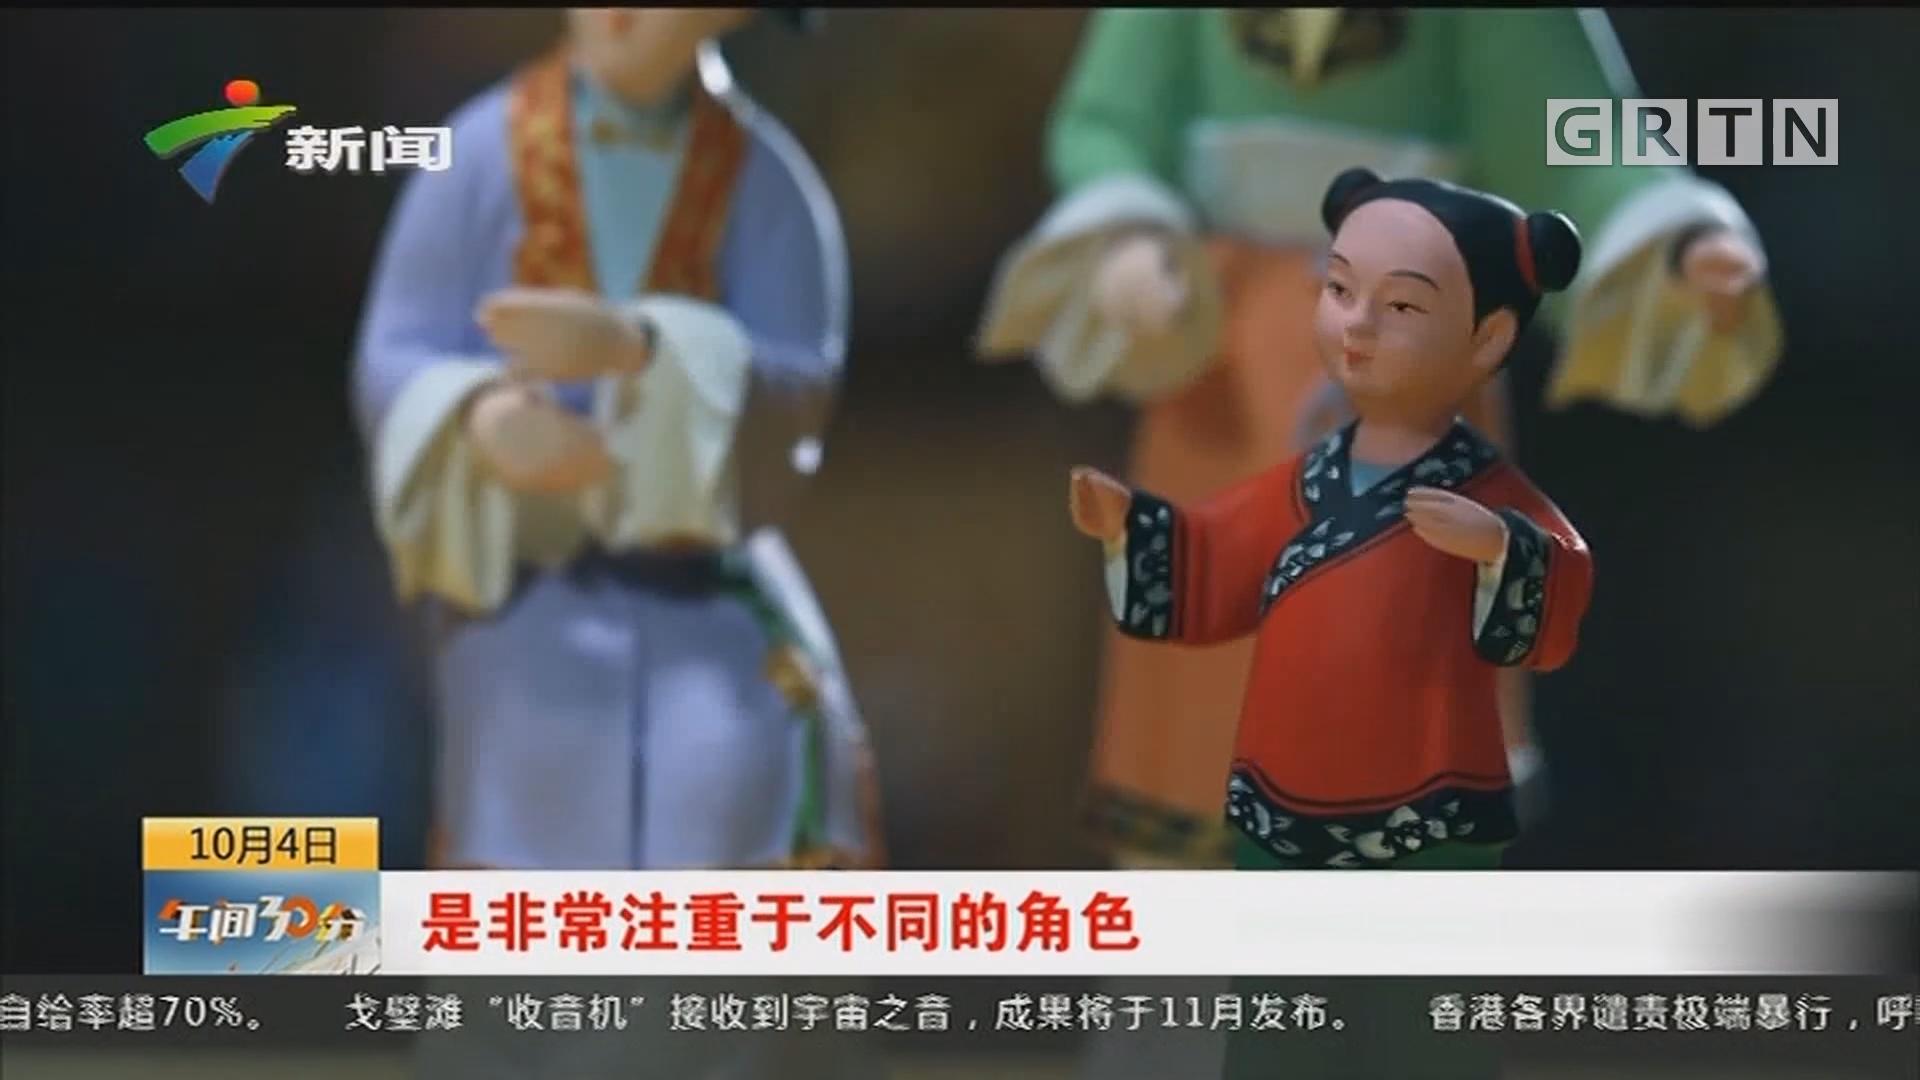 发现广东:潮州大吴泥塑